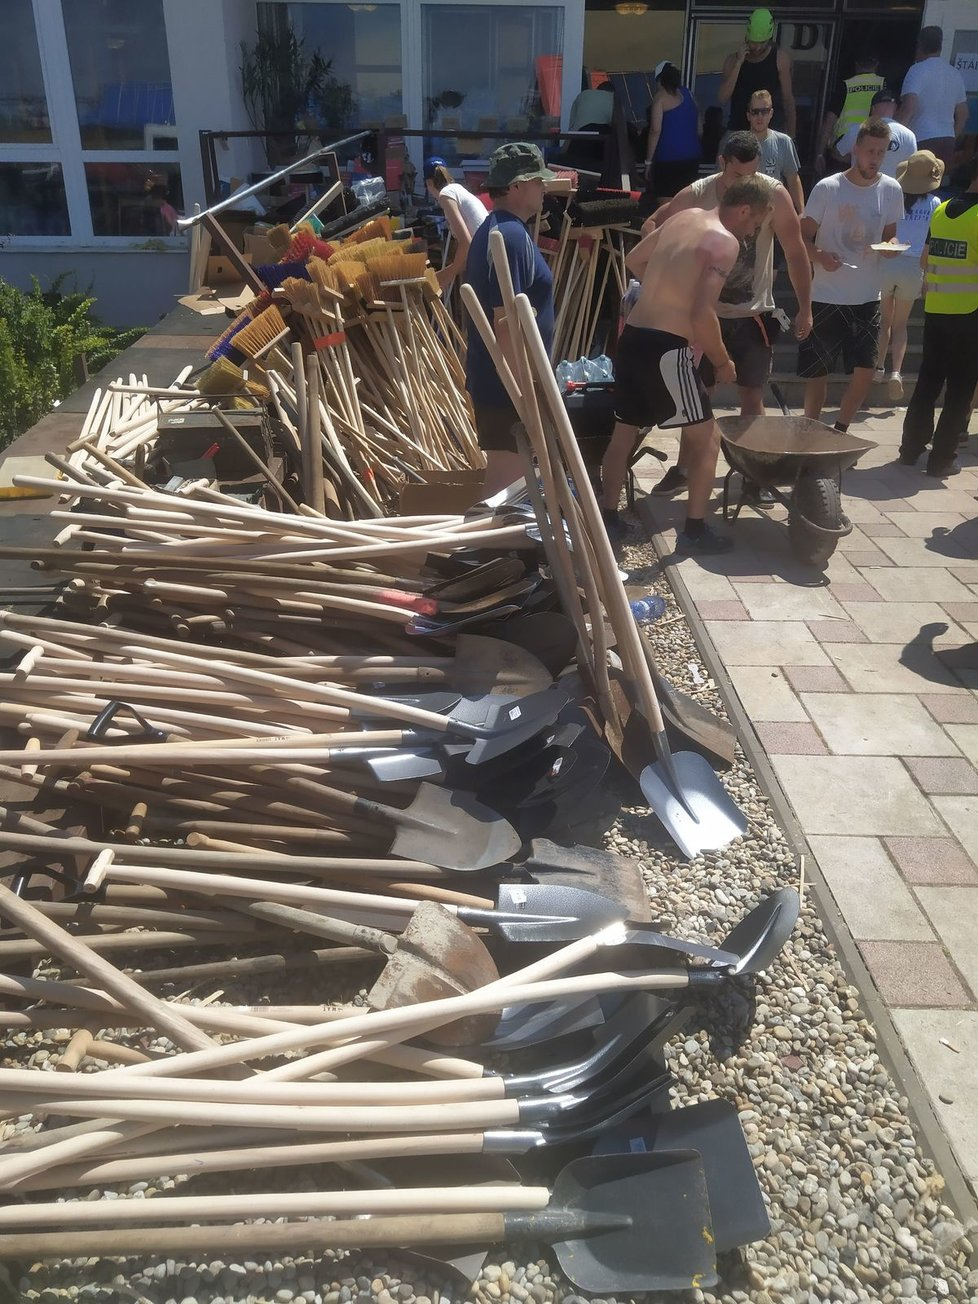 Košťata, lopaty a plachty patřily v Mikulčicích mezi nejžádanější věci při víkendových odklízecích pracích.